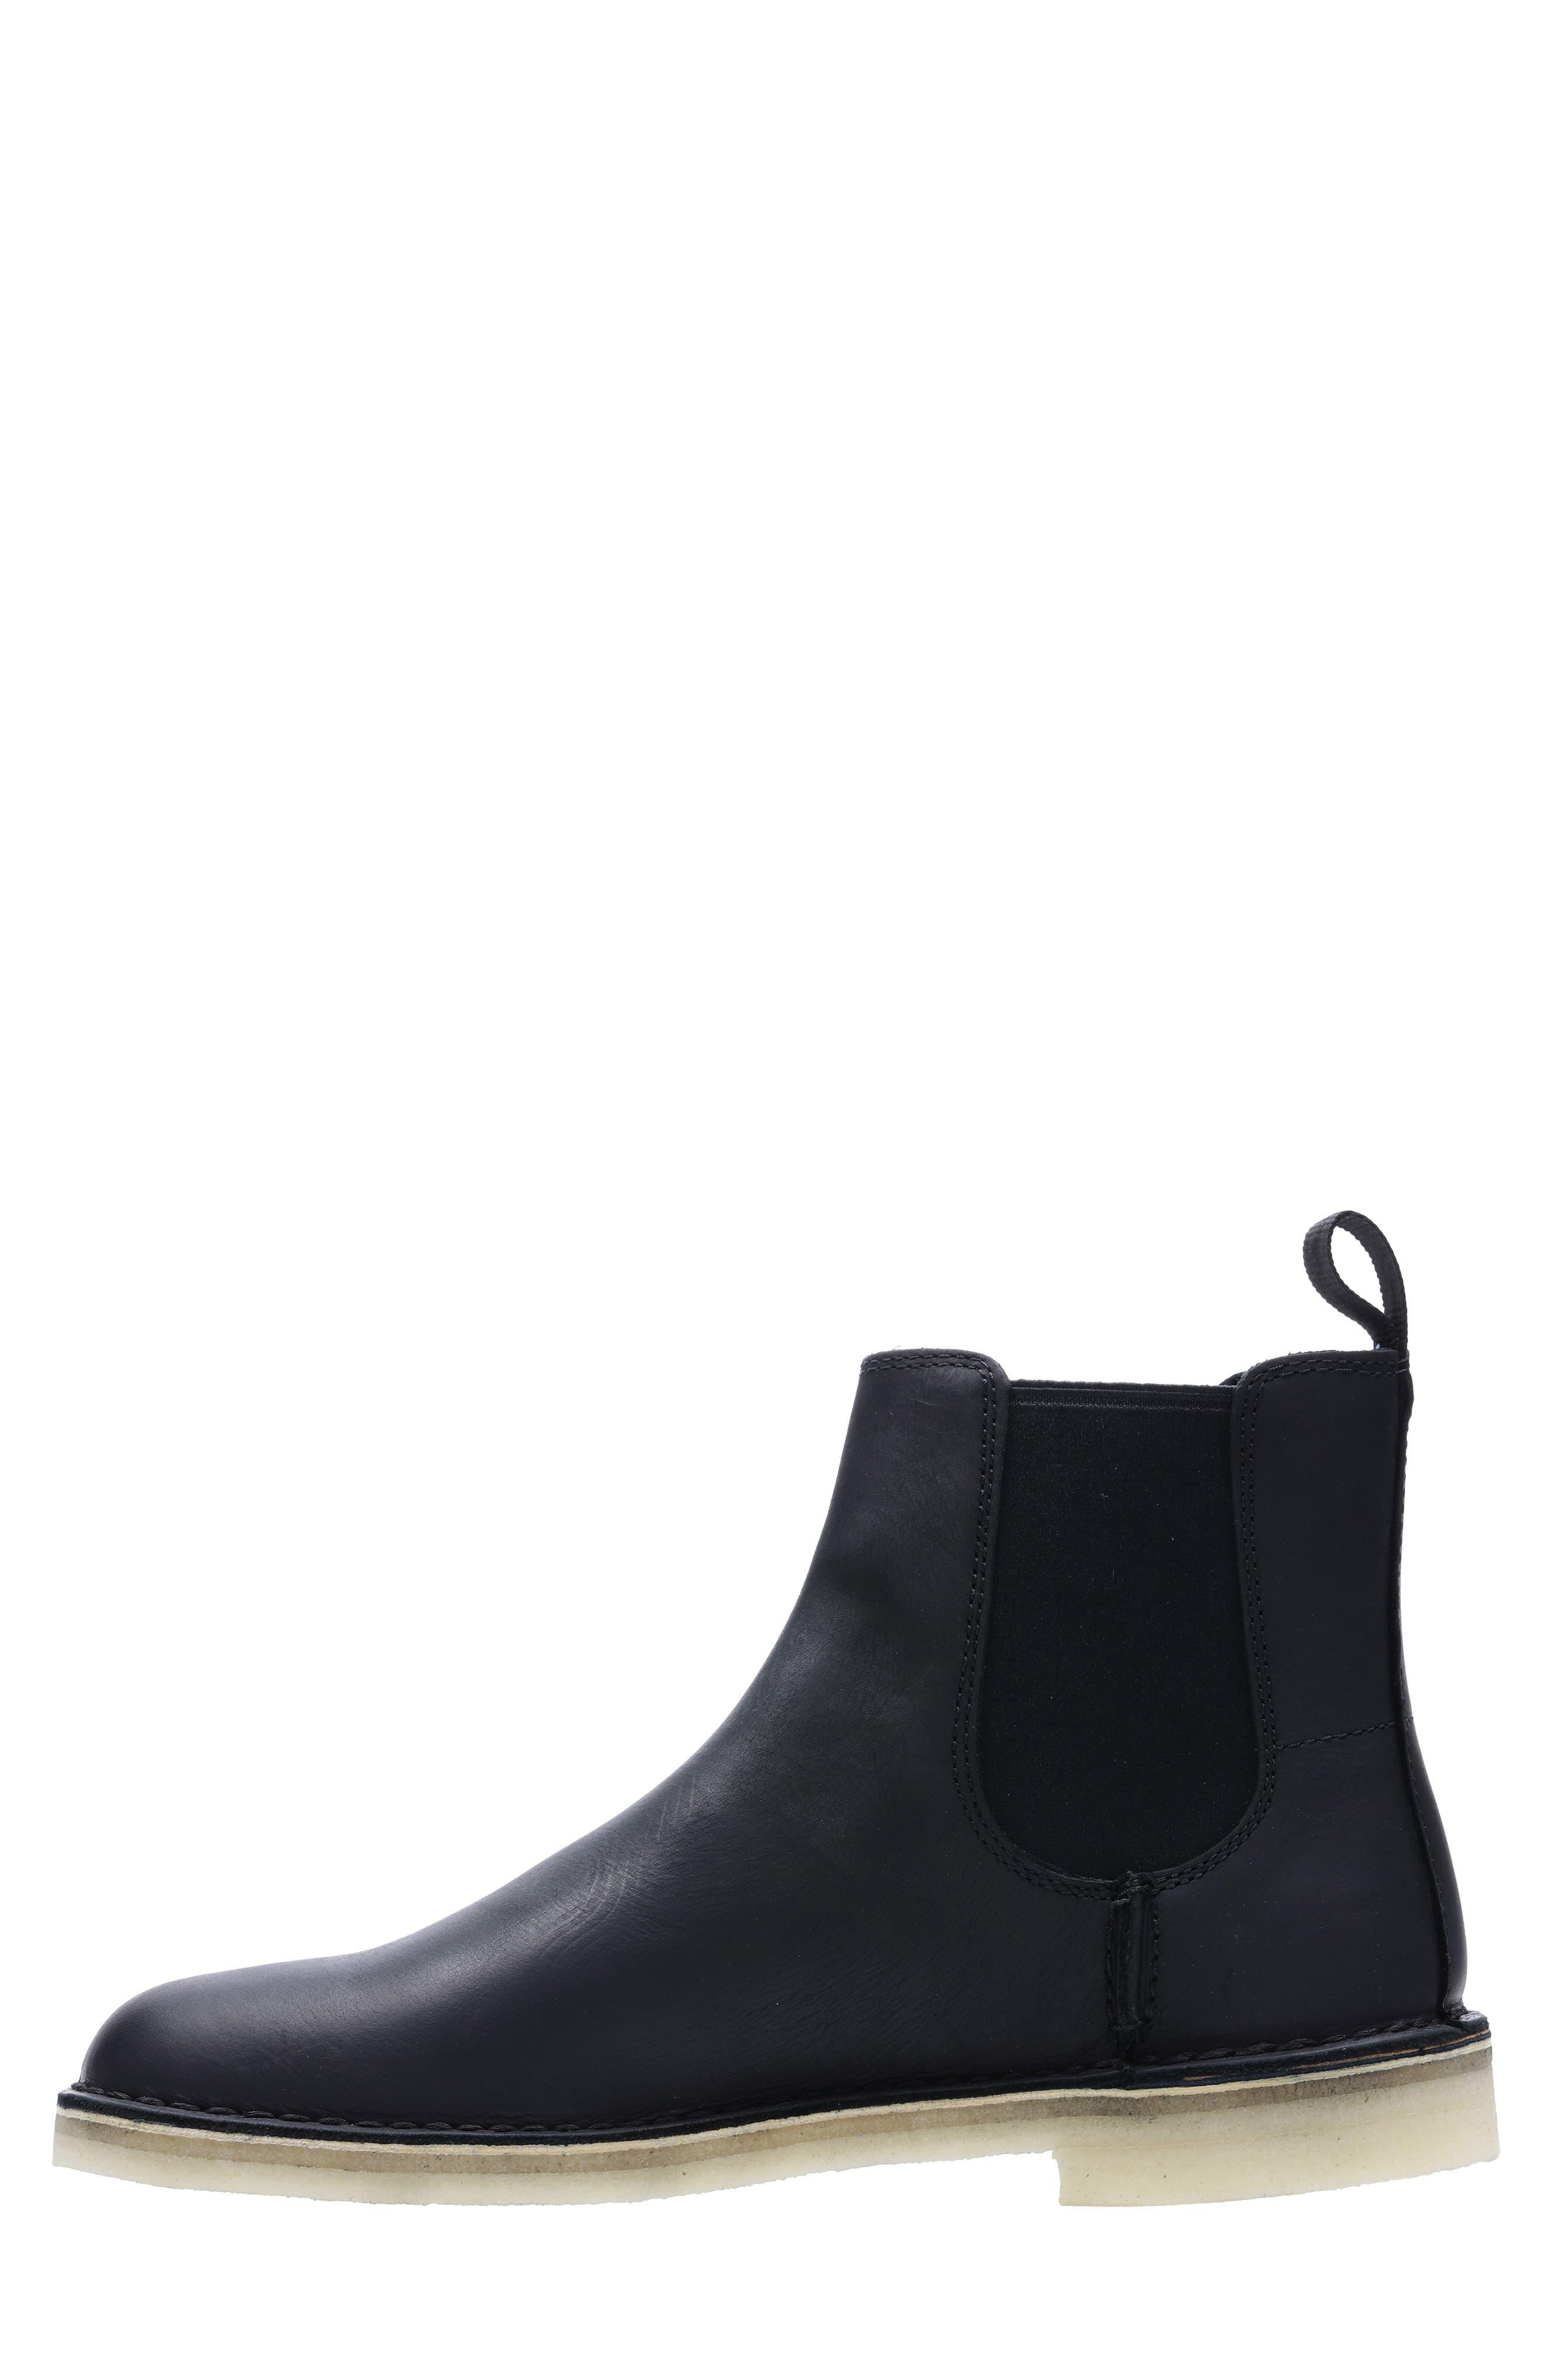 Desert Peak Chelsea Boot,                             Alternate thumbnail 6, color,                             BLACK/BLACK LEATHER